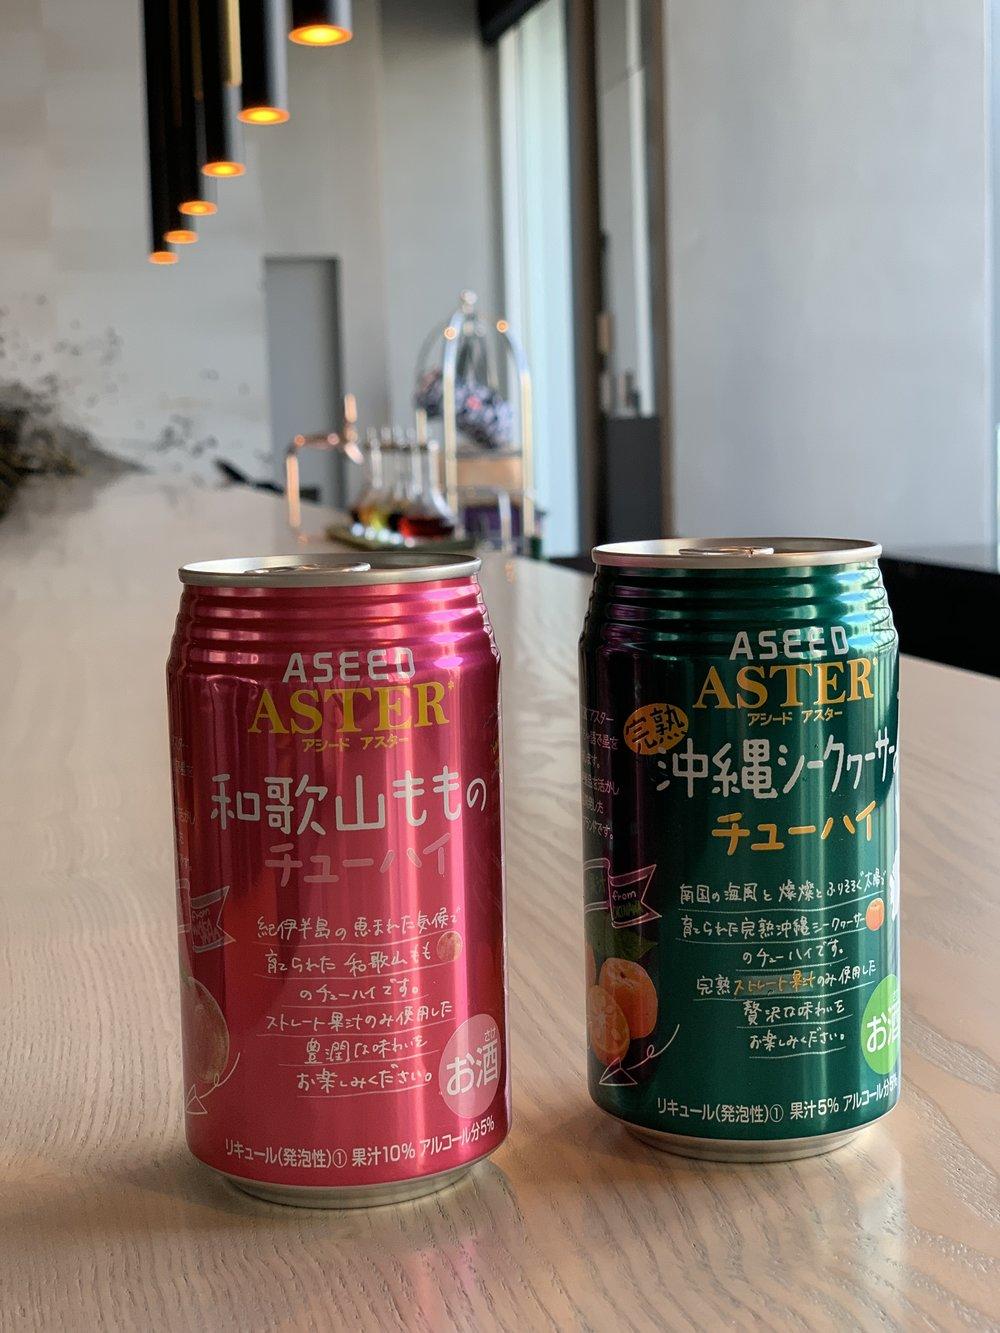 Aseed Aster Japanese Beer